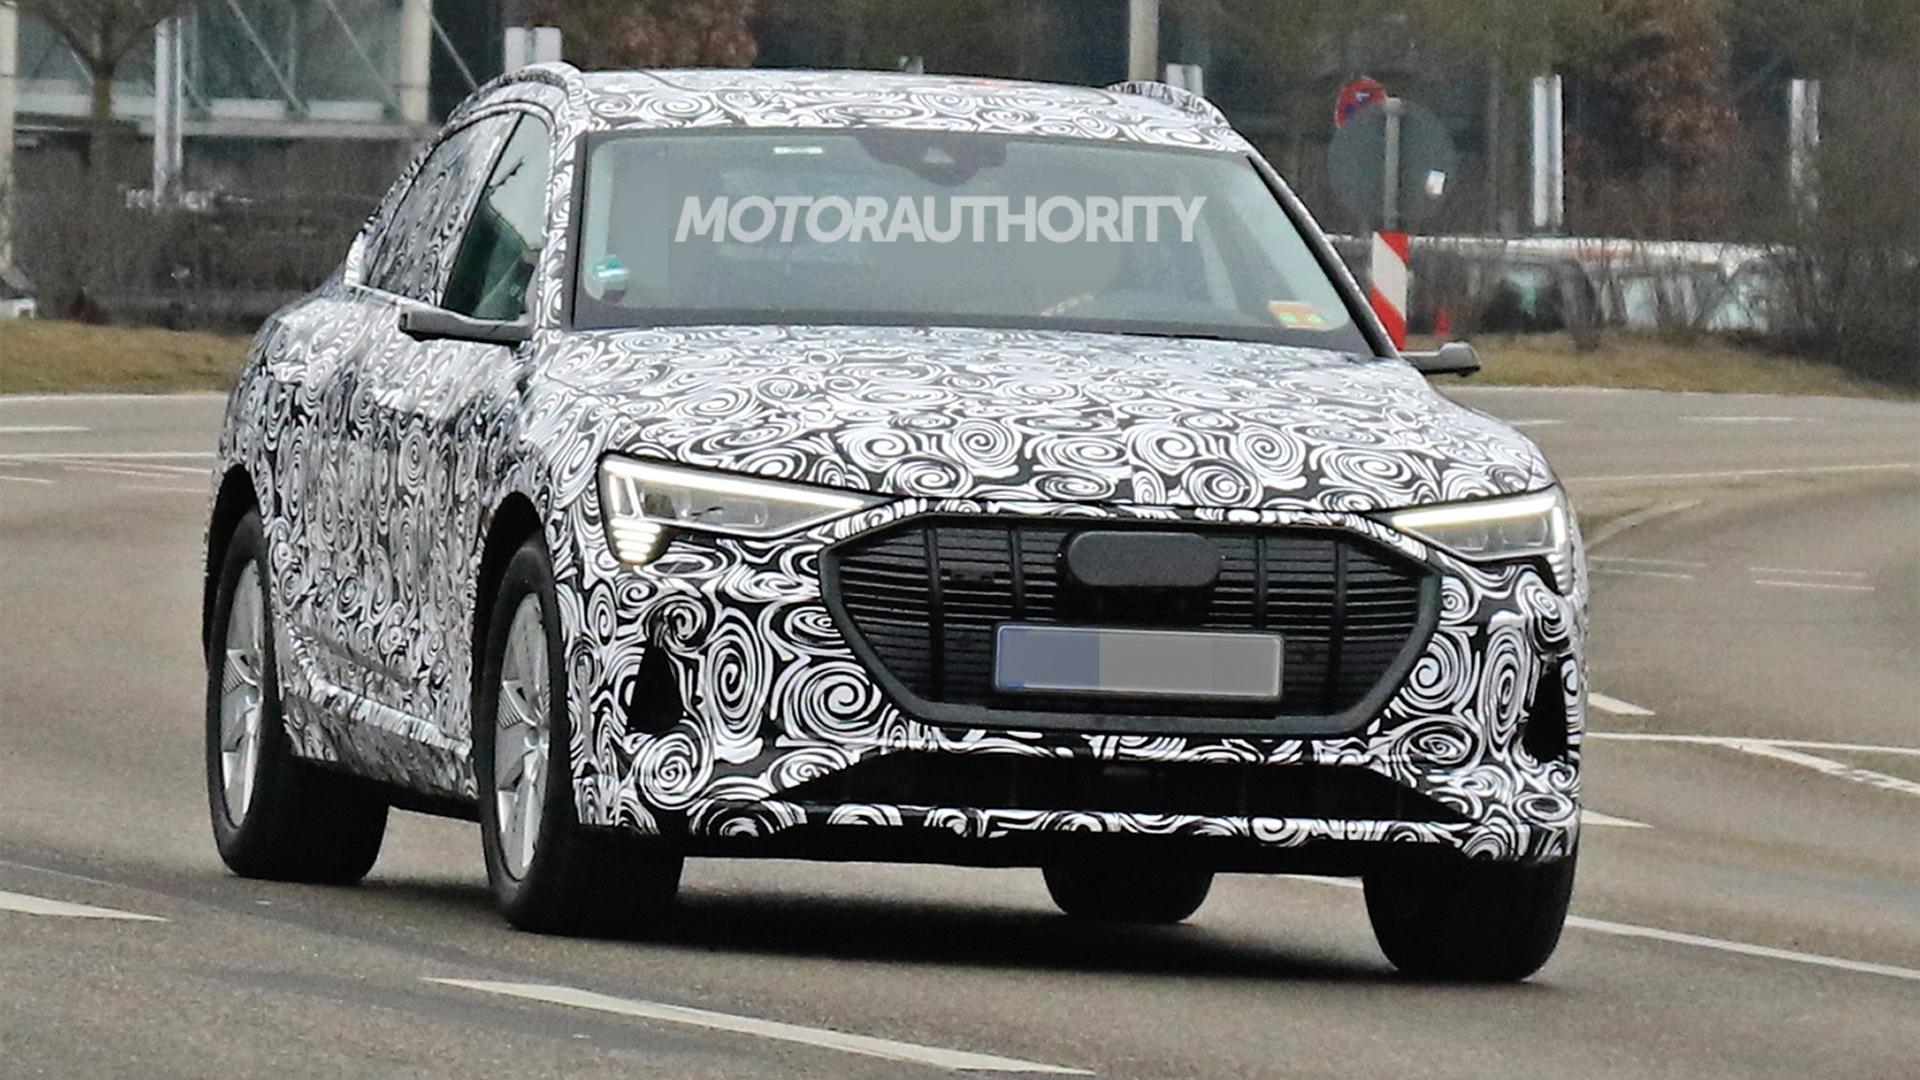 2020 Audi e-tron Sportback spy shots - Image via S. Baldauf/SB-Medien